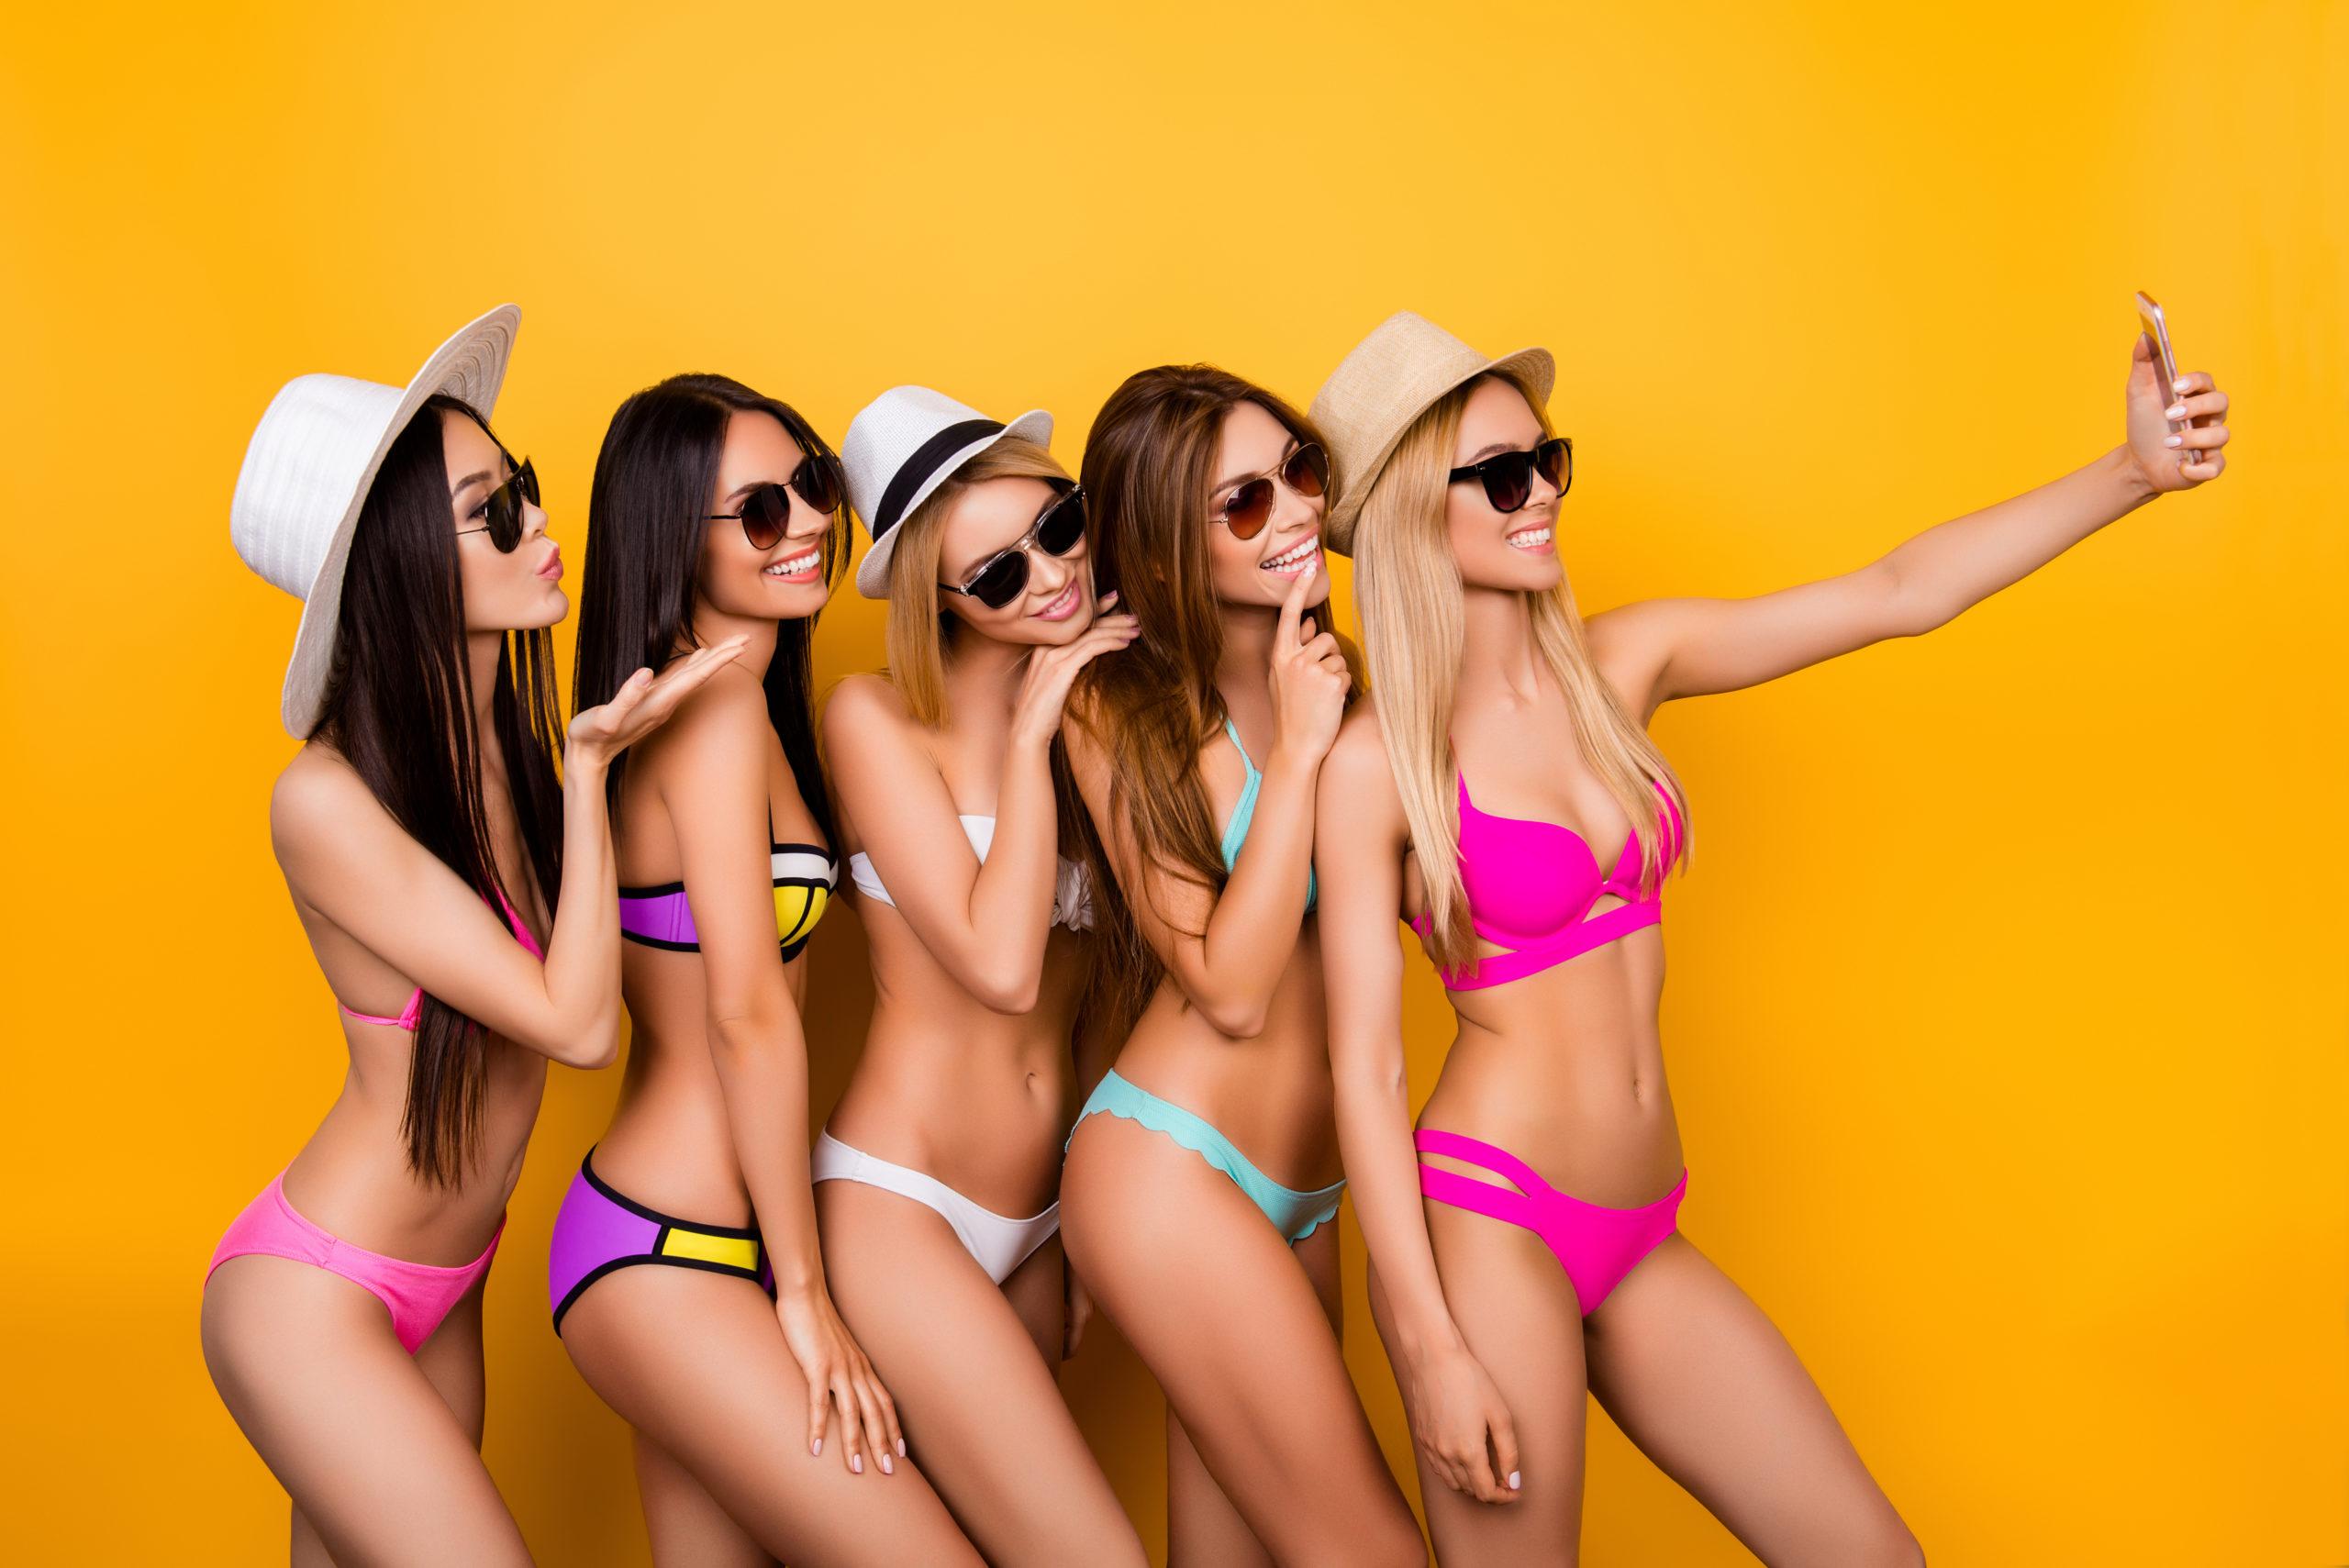 Moda - Plażowe trendy! Modne stroje kąpielowe lato 2021! Co będziemy nosić? 3